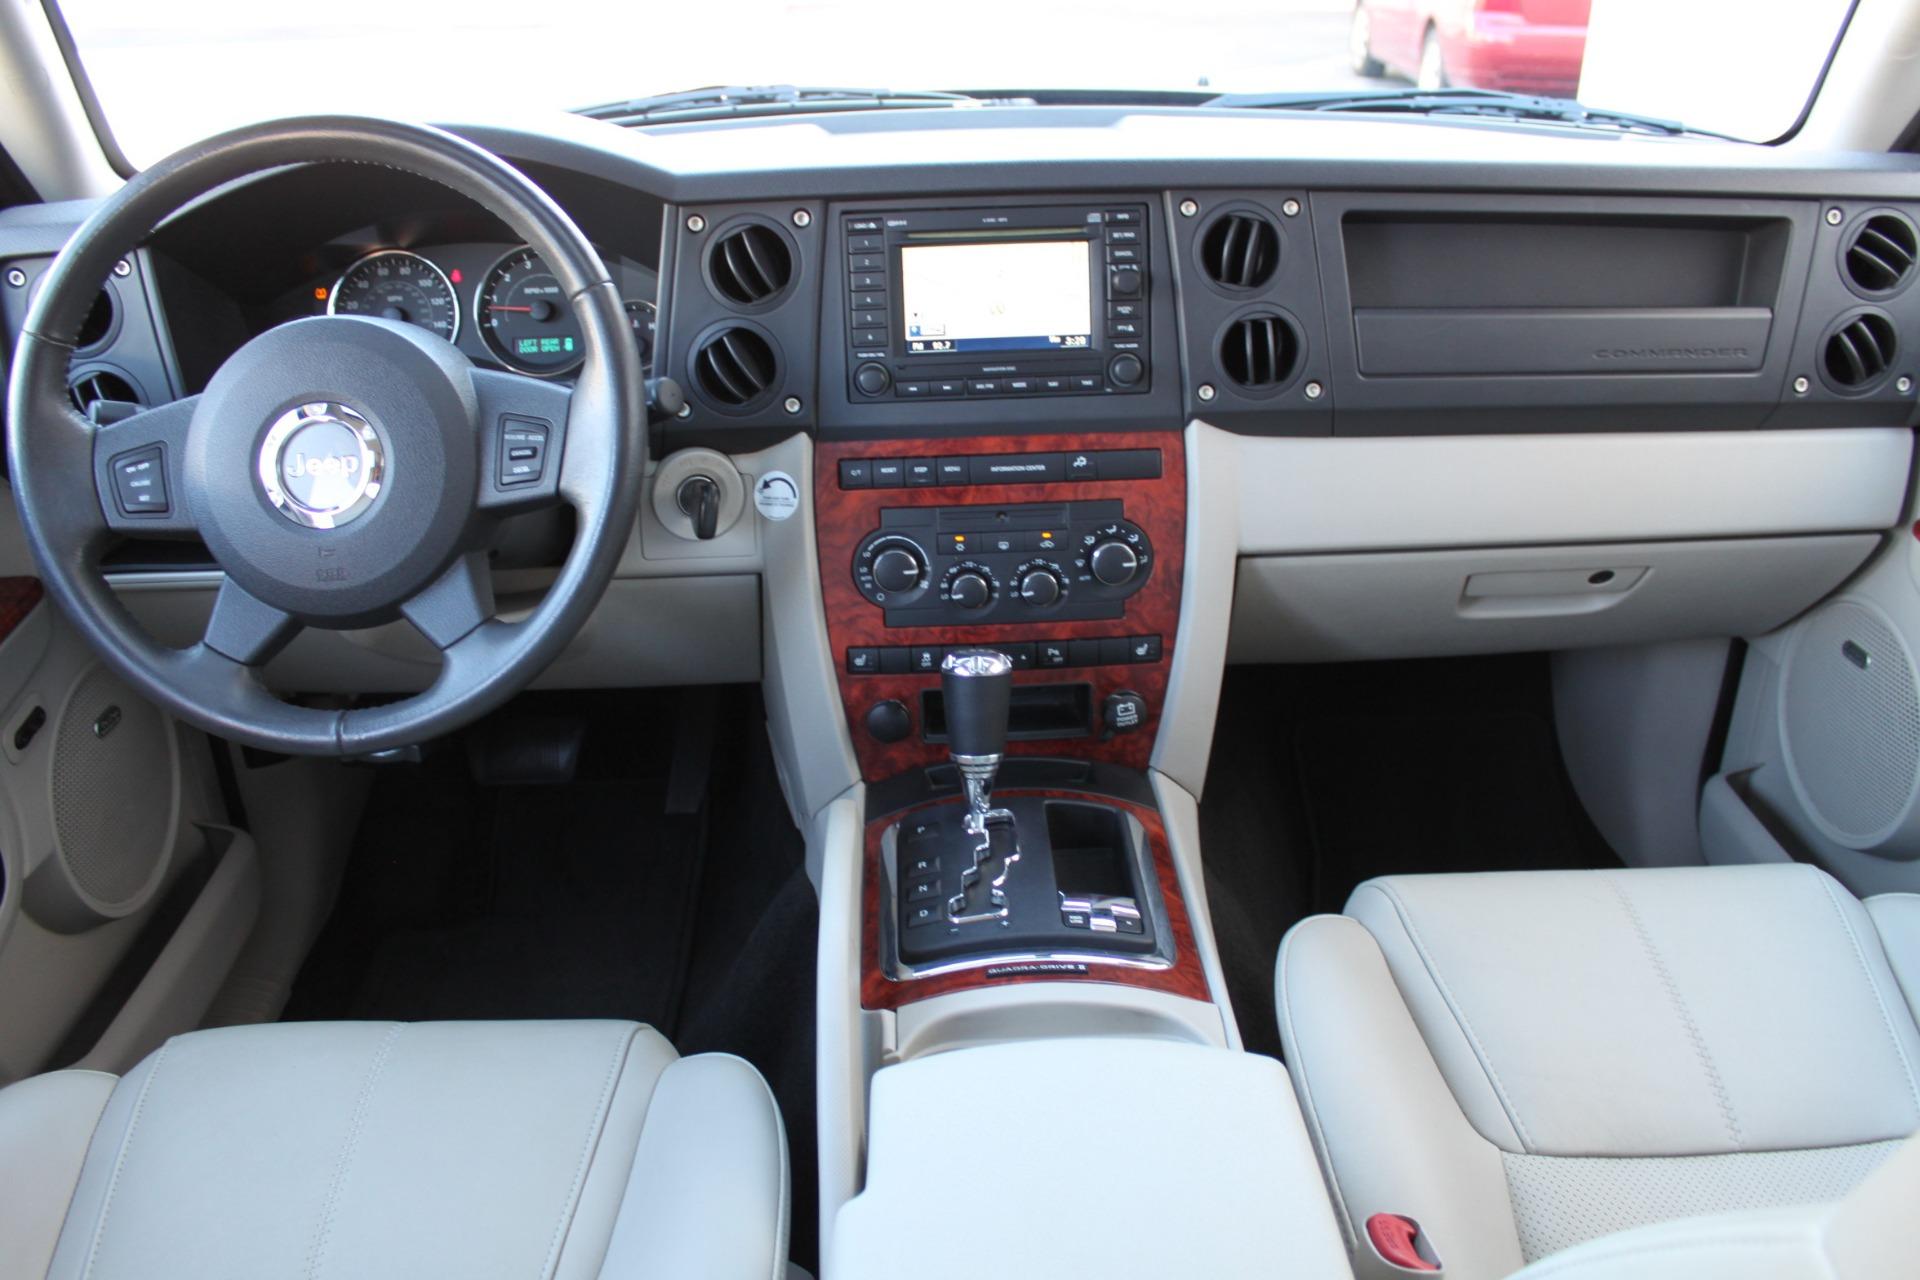 Used-2007-Jeep-Commander-Limited-vintage